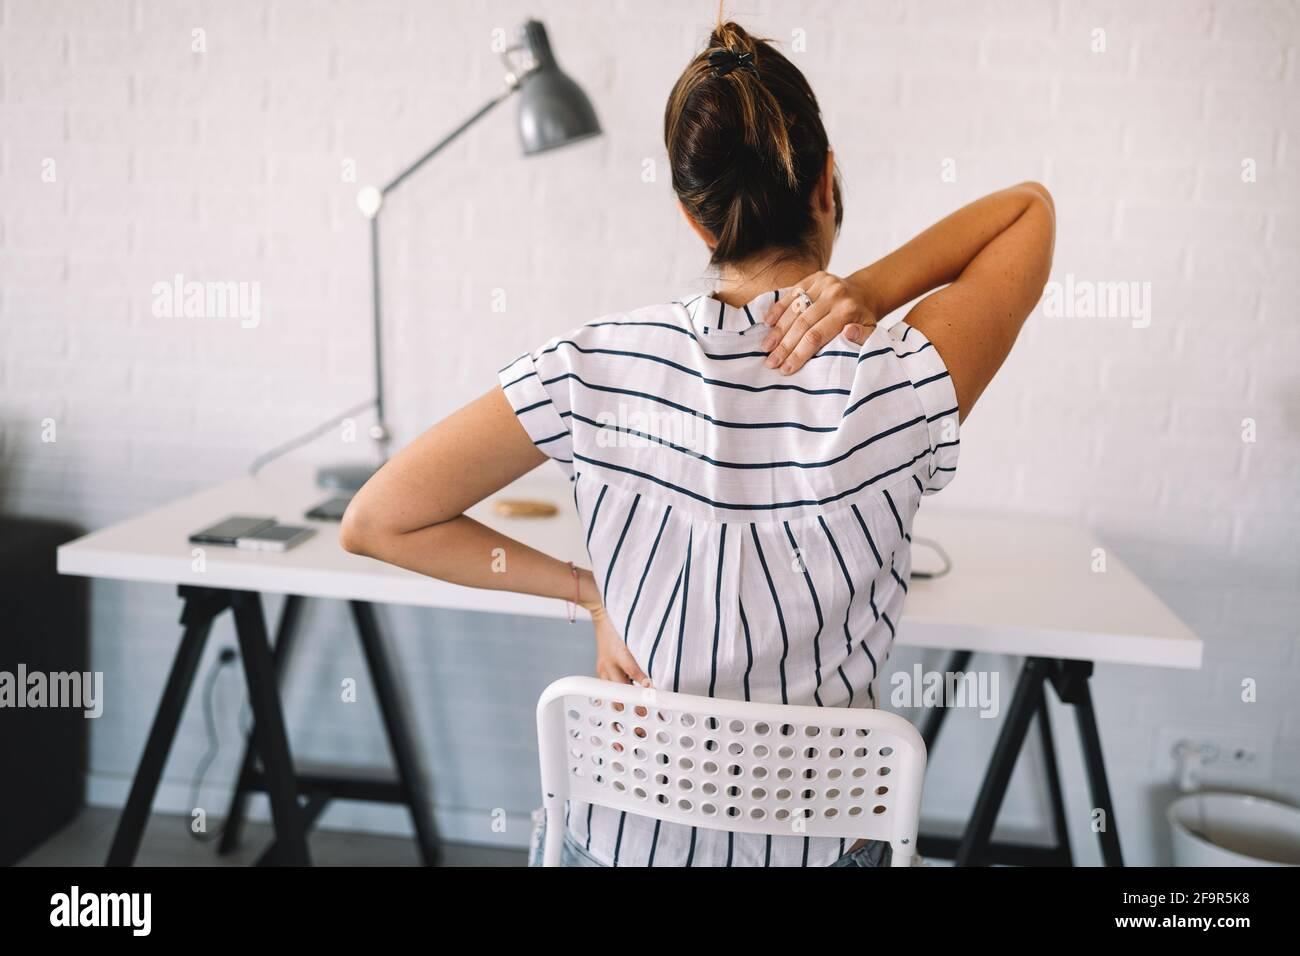 Oberati di lavoro donna con dolore alla schiena in ufficio con una postura sbagliata Foto Stock